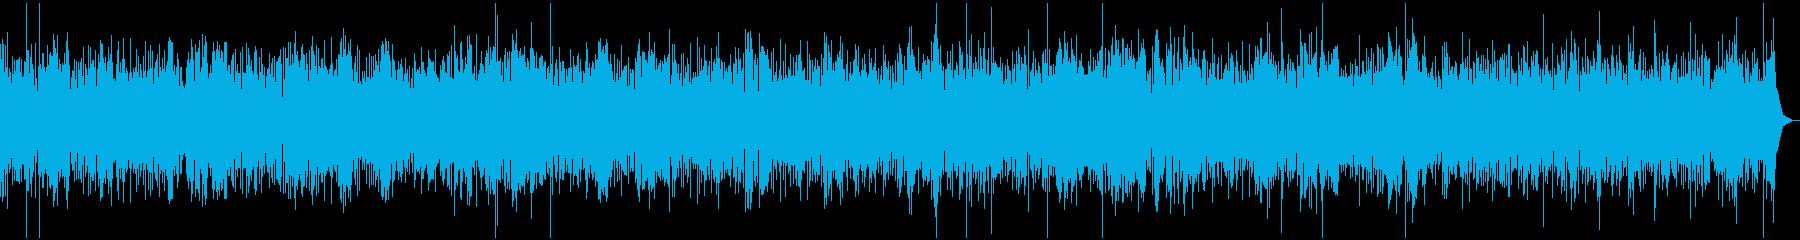 ウクレレ中心のリラックスハワイアンバンドの再生済みの波形